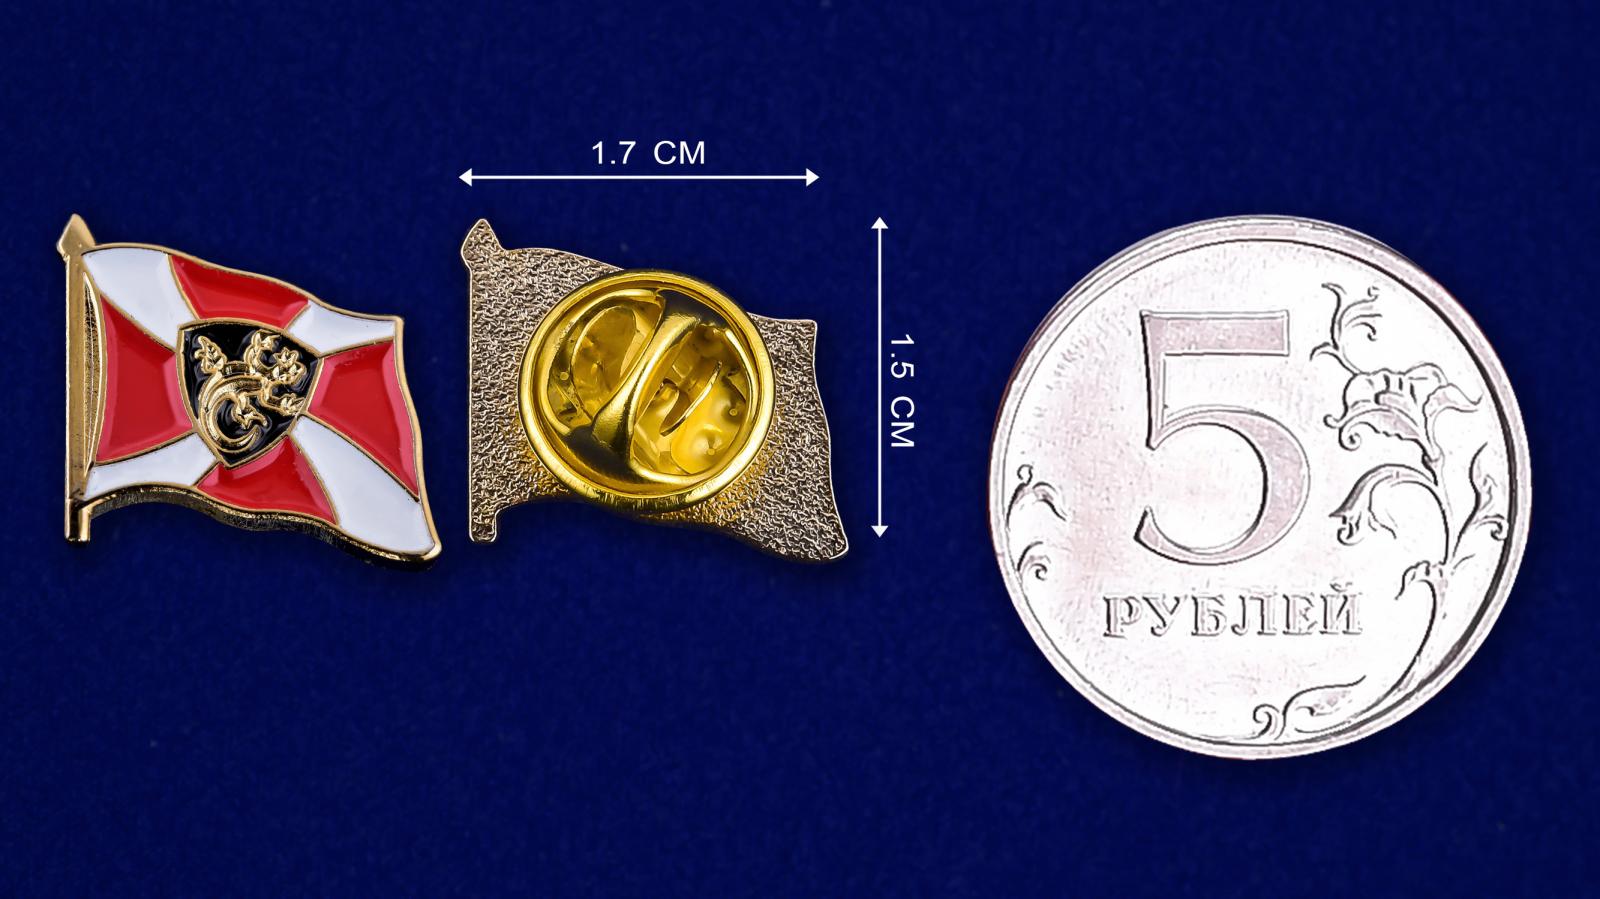 Значок Уральского Регионального Командования - сравнительный размер